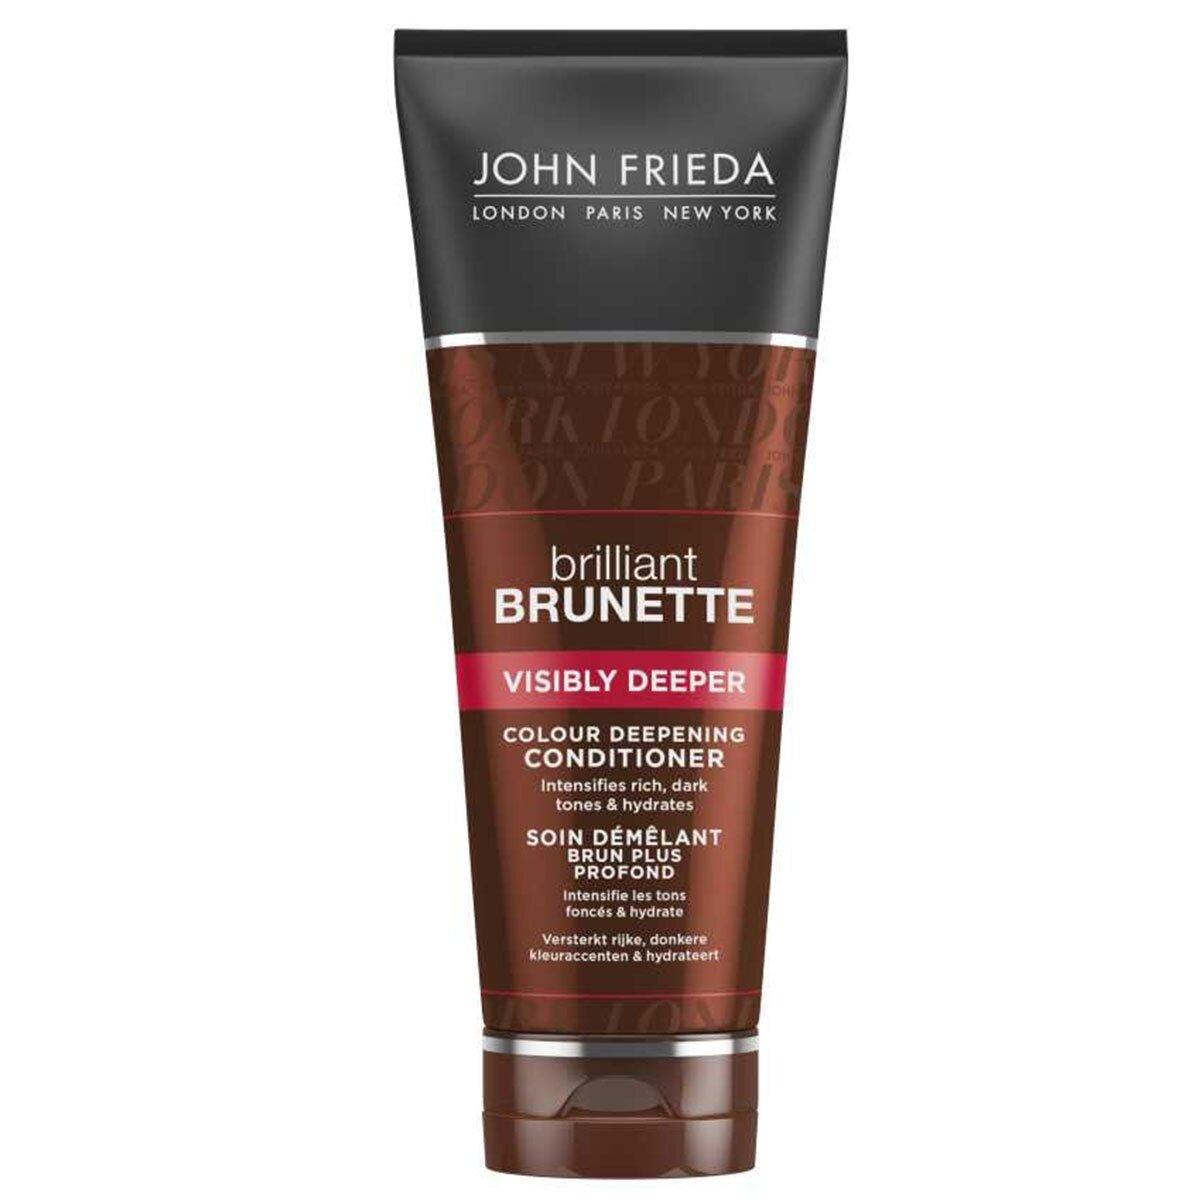 Brilliant Brunette Visibly Deeper Saç Kremi 250 ml